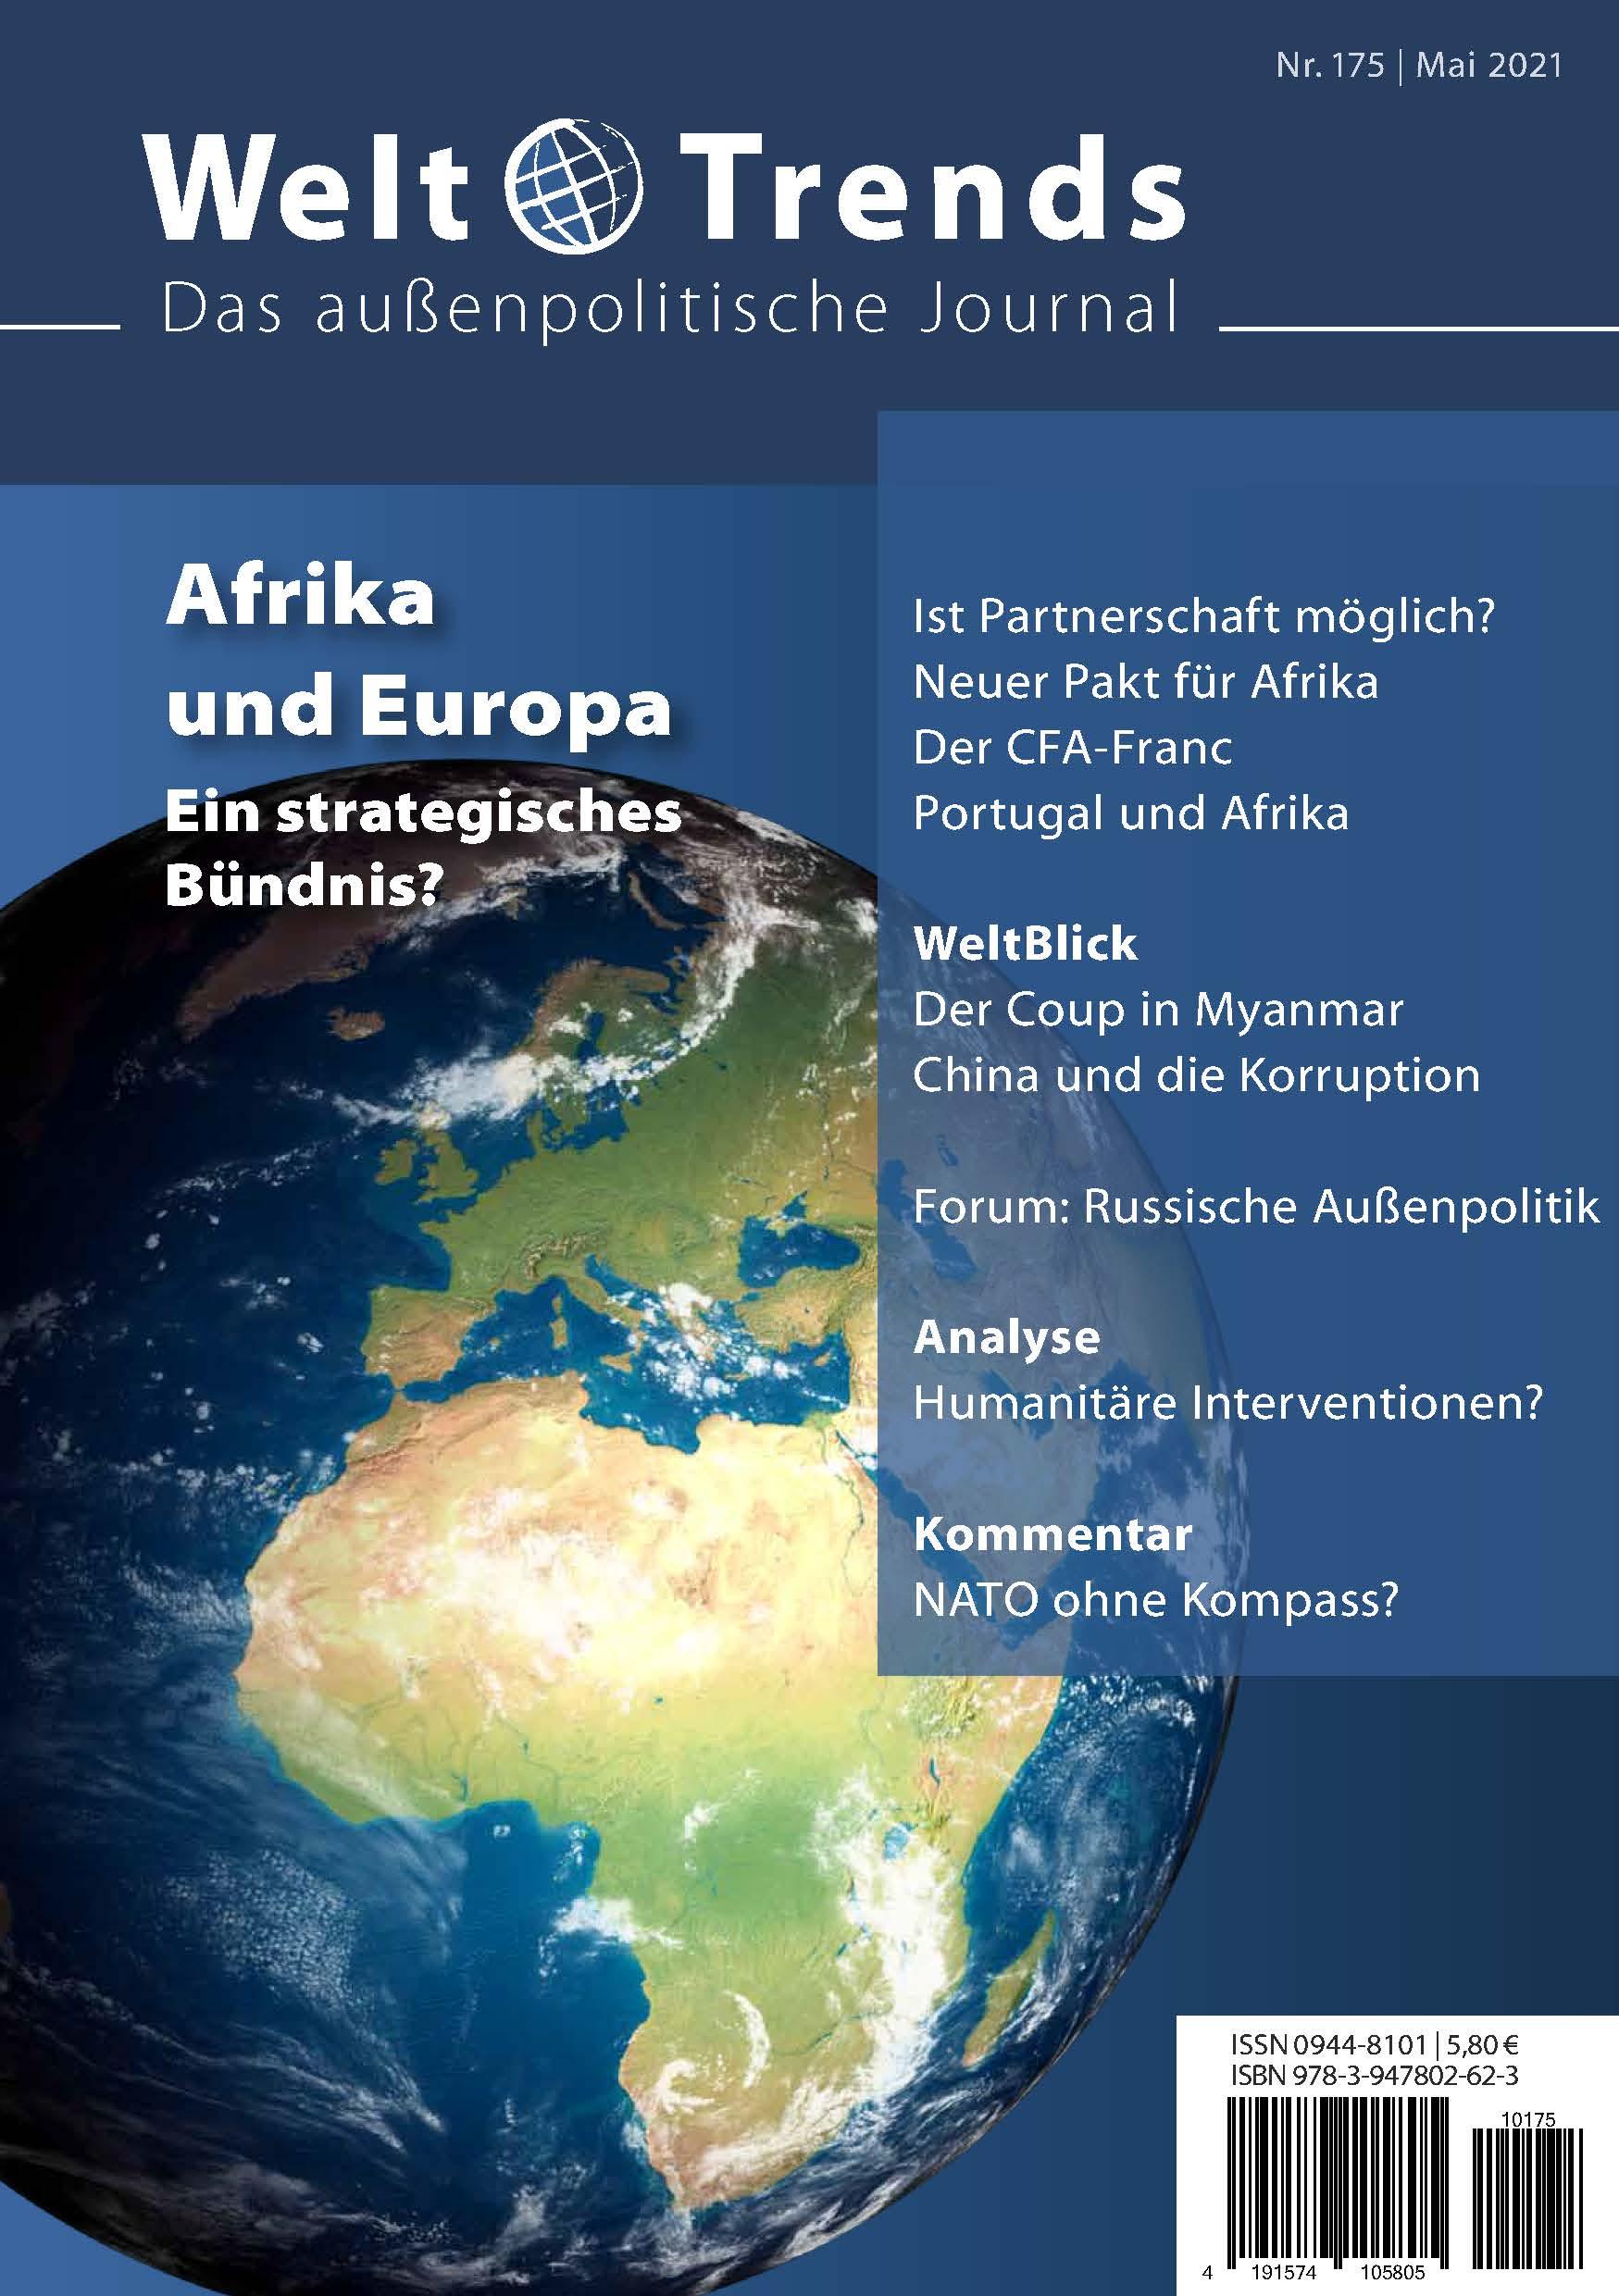 WeltTrends Nr. 175: Afrika und Europa. Ein strategisches Bündnis?